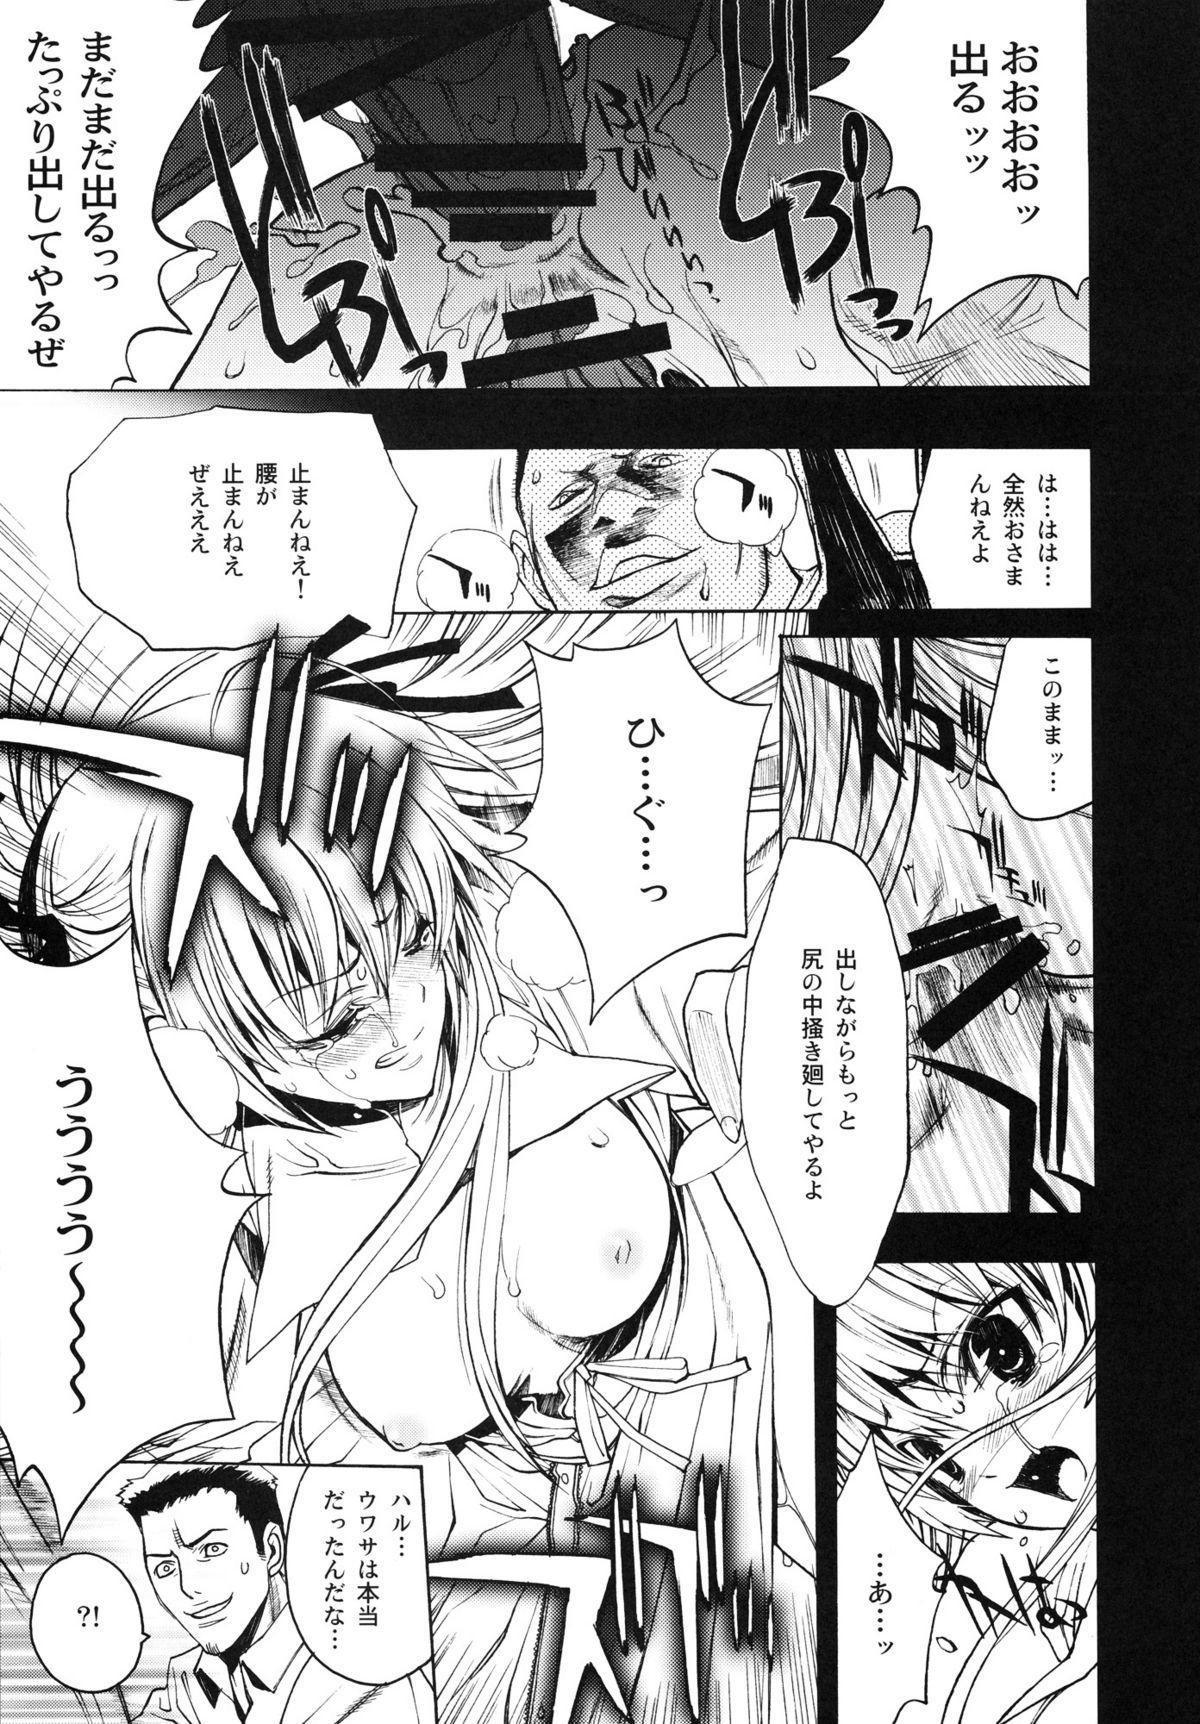 Yosuka no Yoru 7